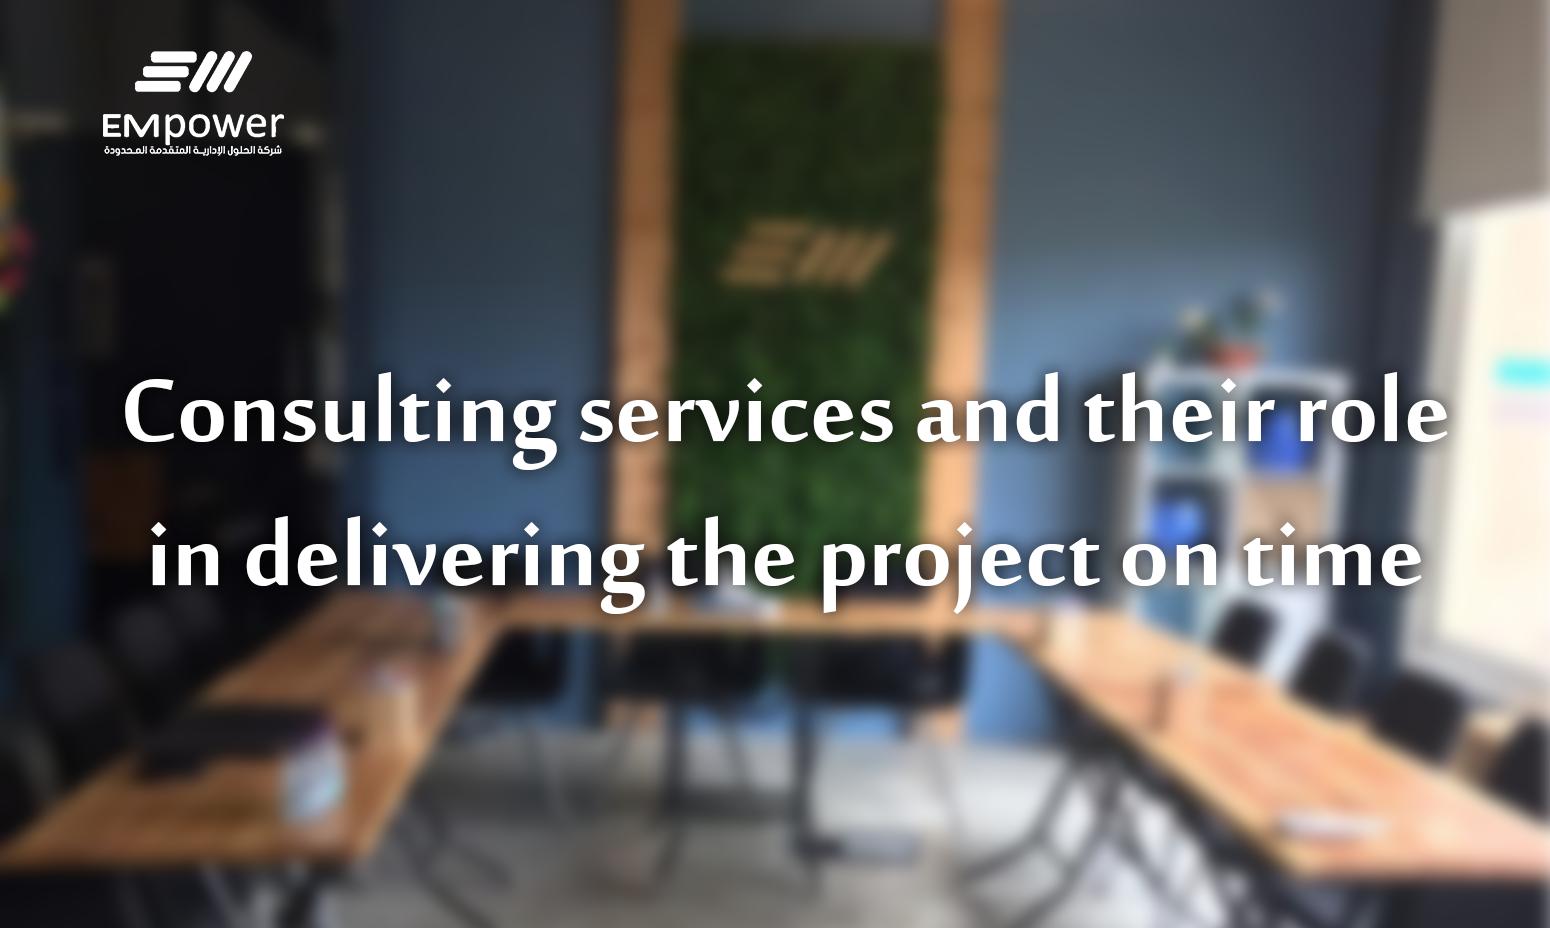 11 3 - الخدمات الاستشارية ودورها في تسليم المشروع بالوقت المحدد